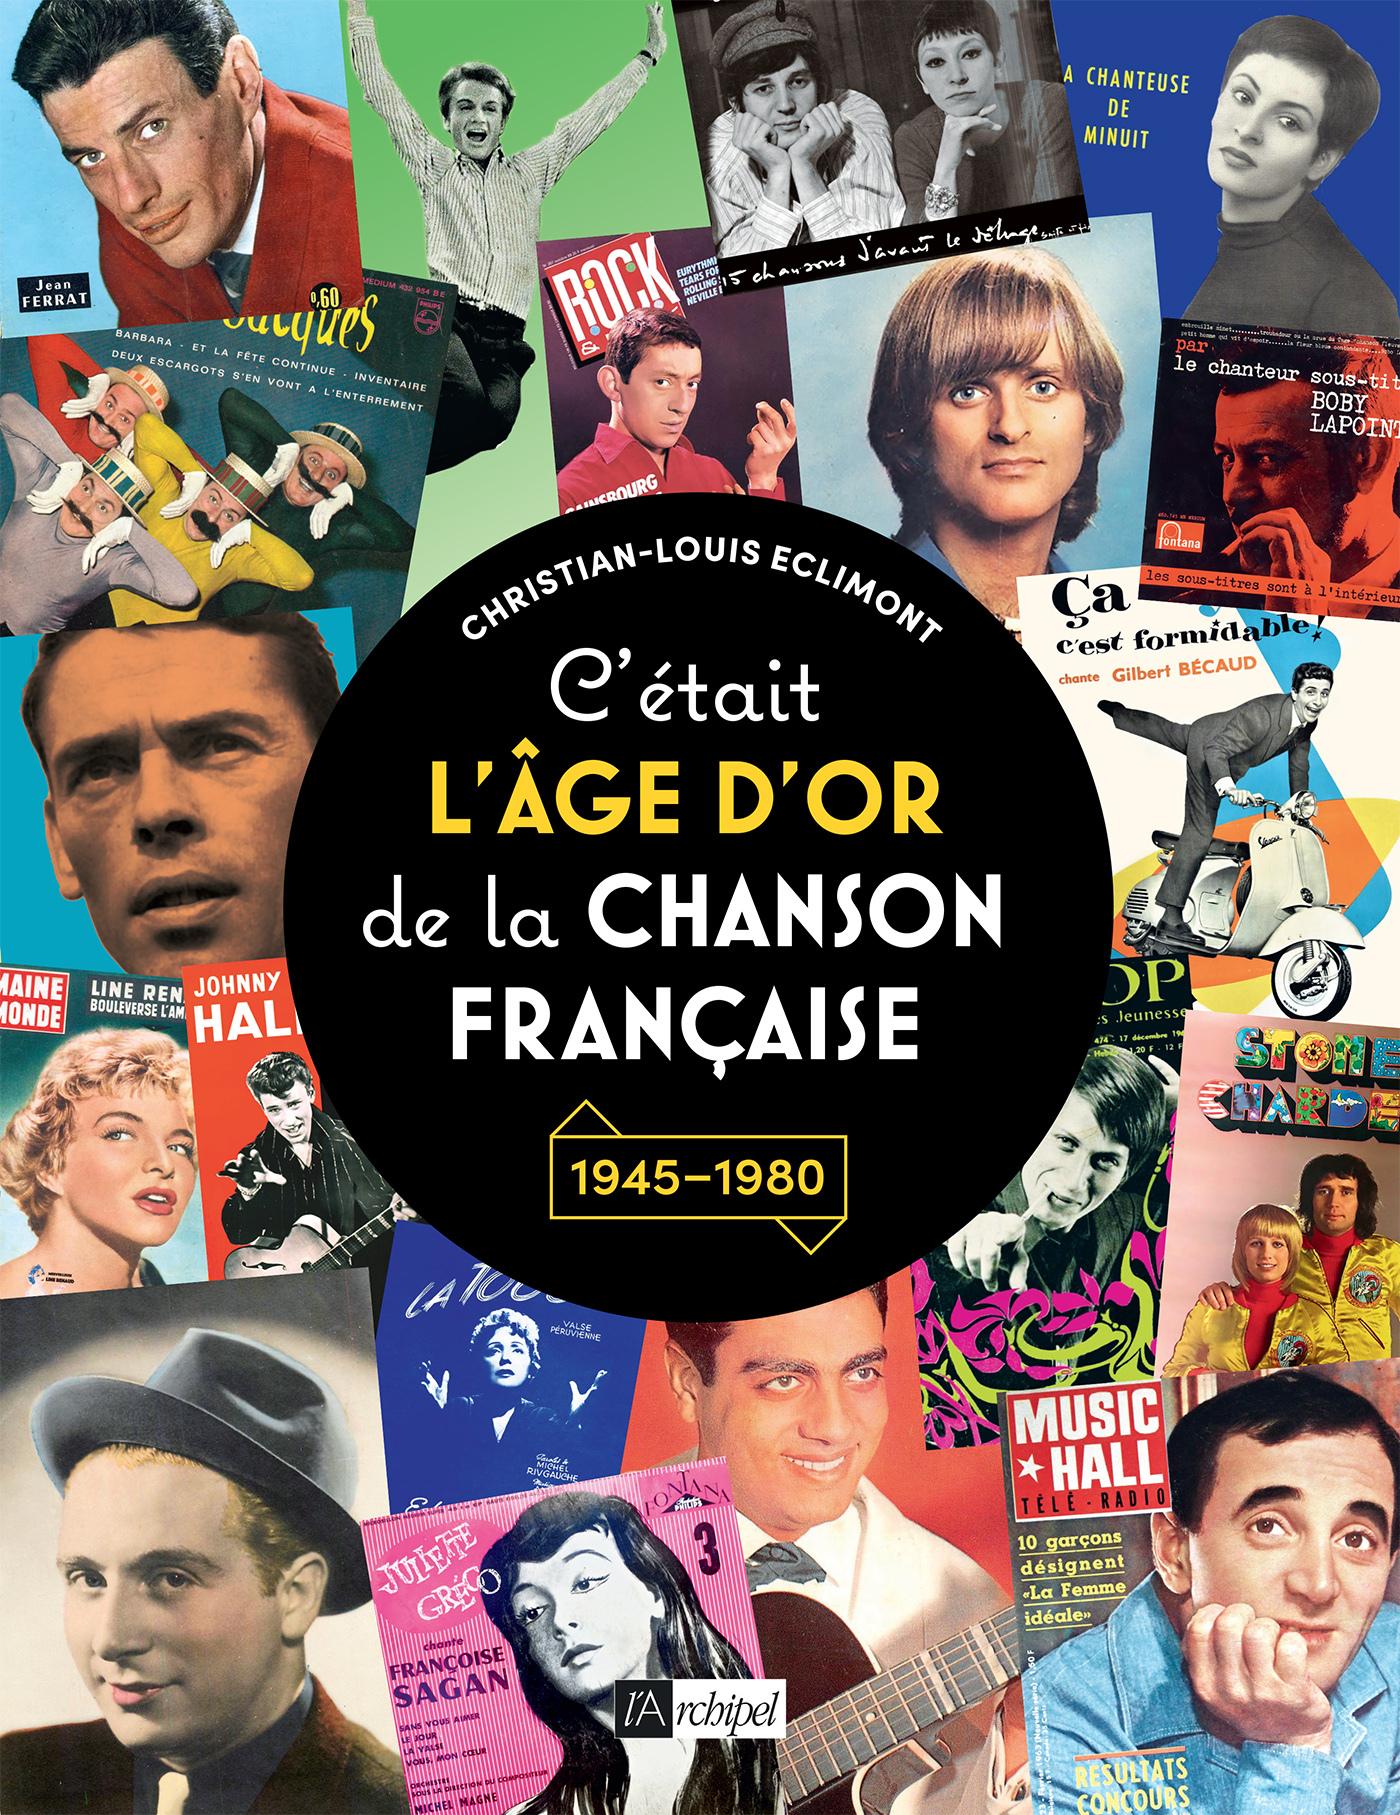 C'ETAIT L'AGE D'OR DE LA CHANSON FRANCAISE - 1945-1980